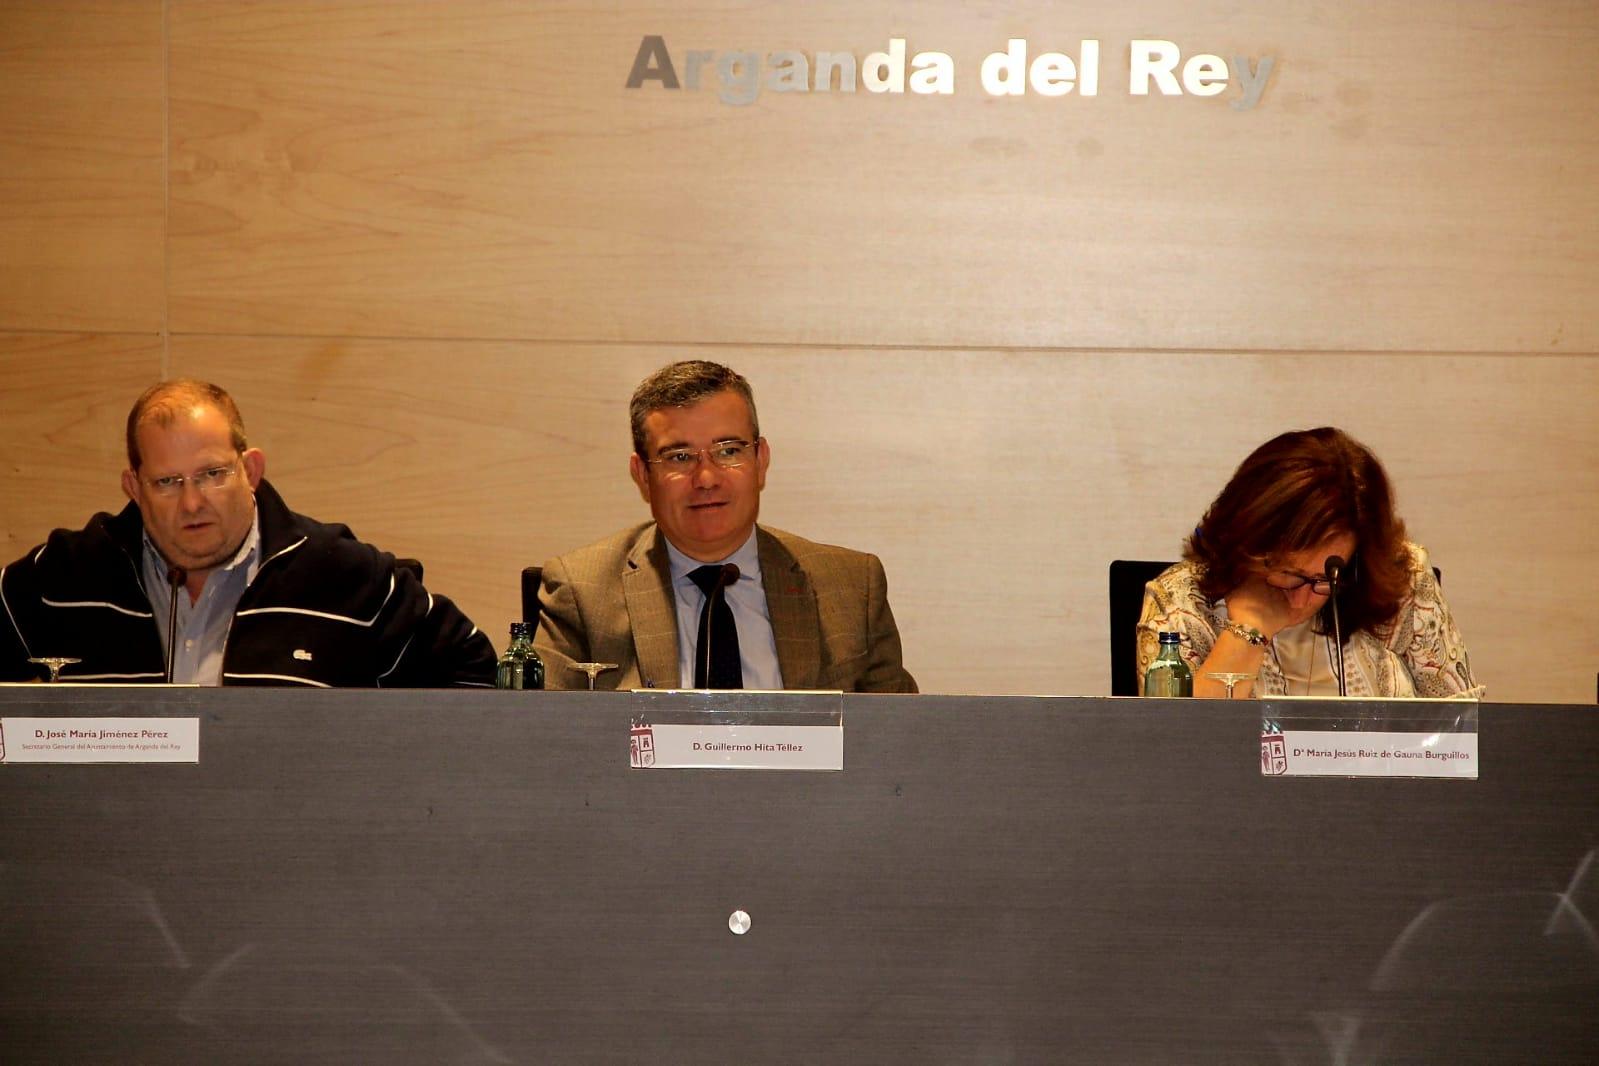 Aprobada por el Pleno la Modificación de la Plantilla Orgánica y la Relación de Puestos de Trabajo del Ayuntamiento